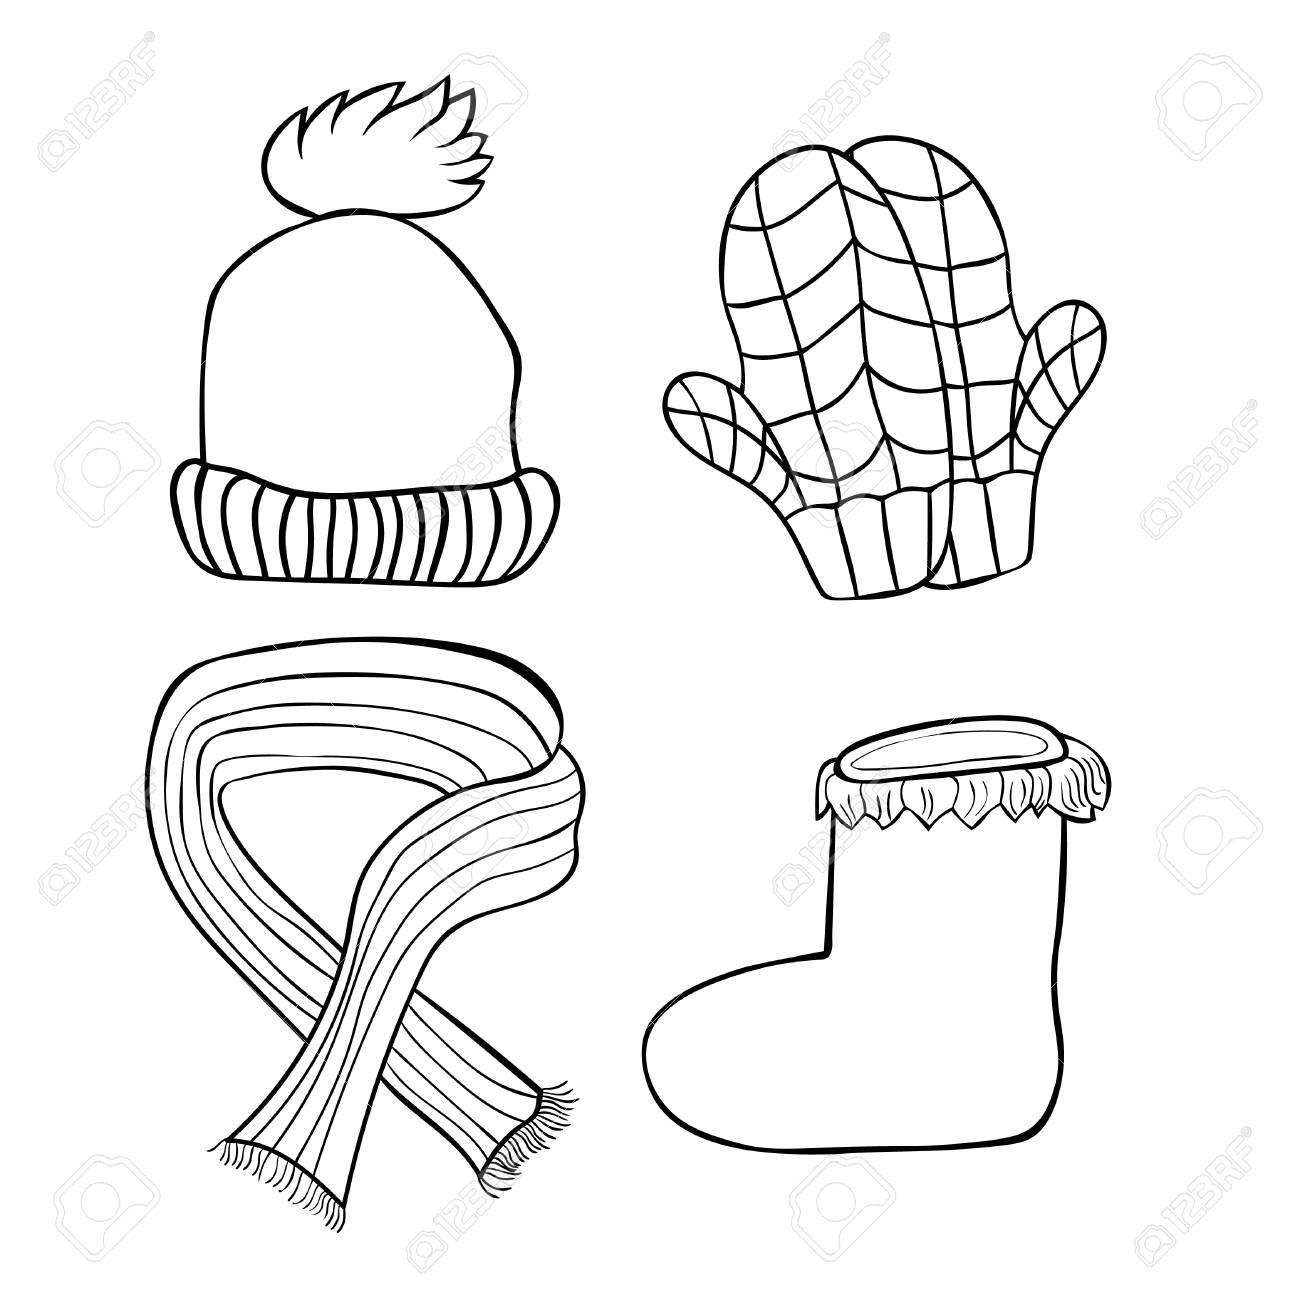 Conjunto De Sombreros Para Colorear Guantes Botas Bufanda De Invierno Ilustración Vectorial